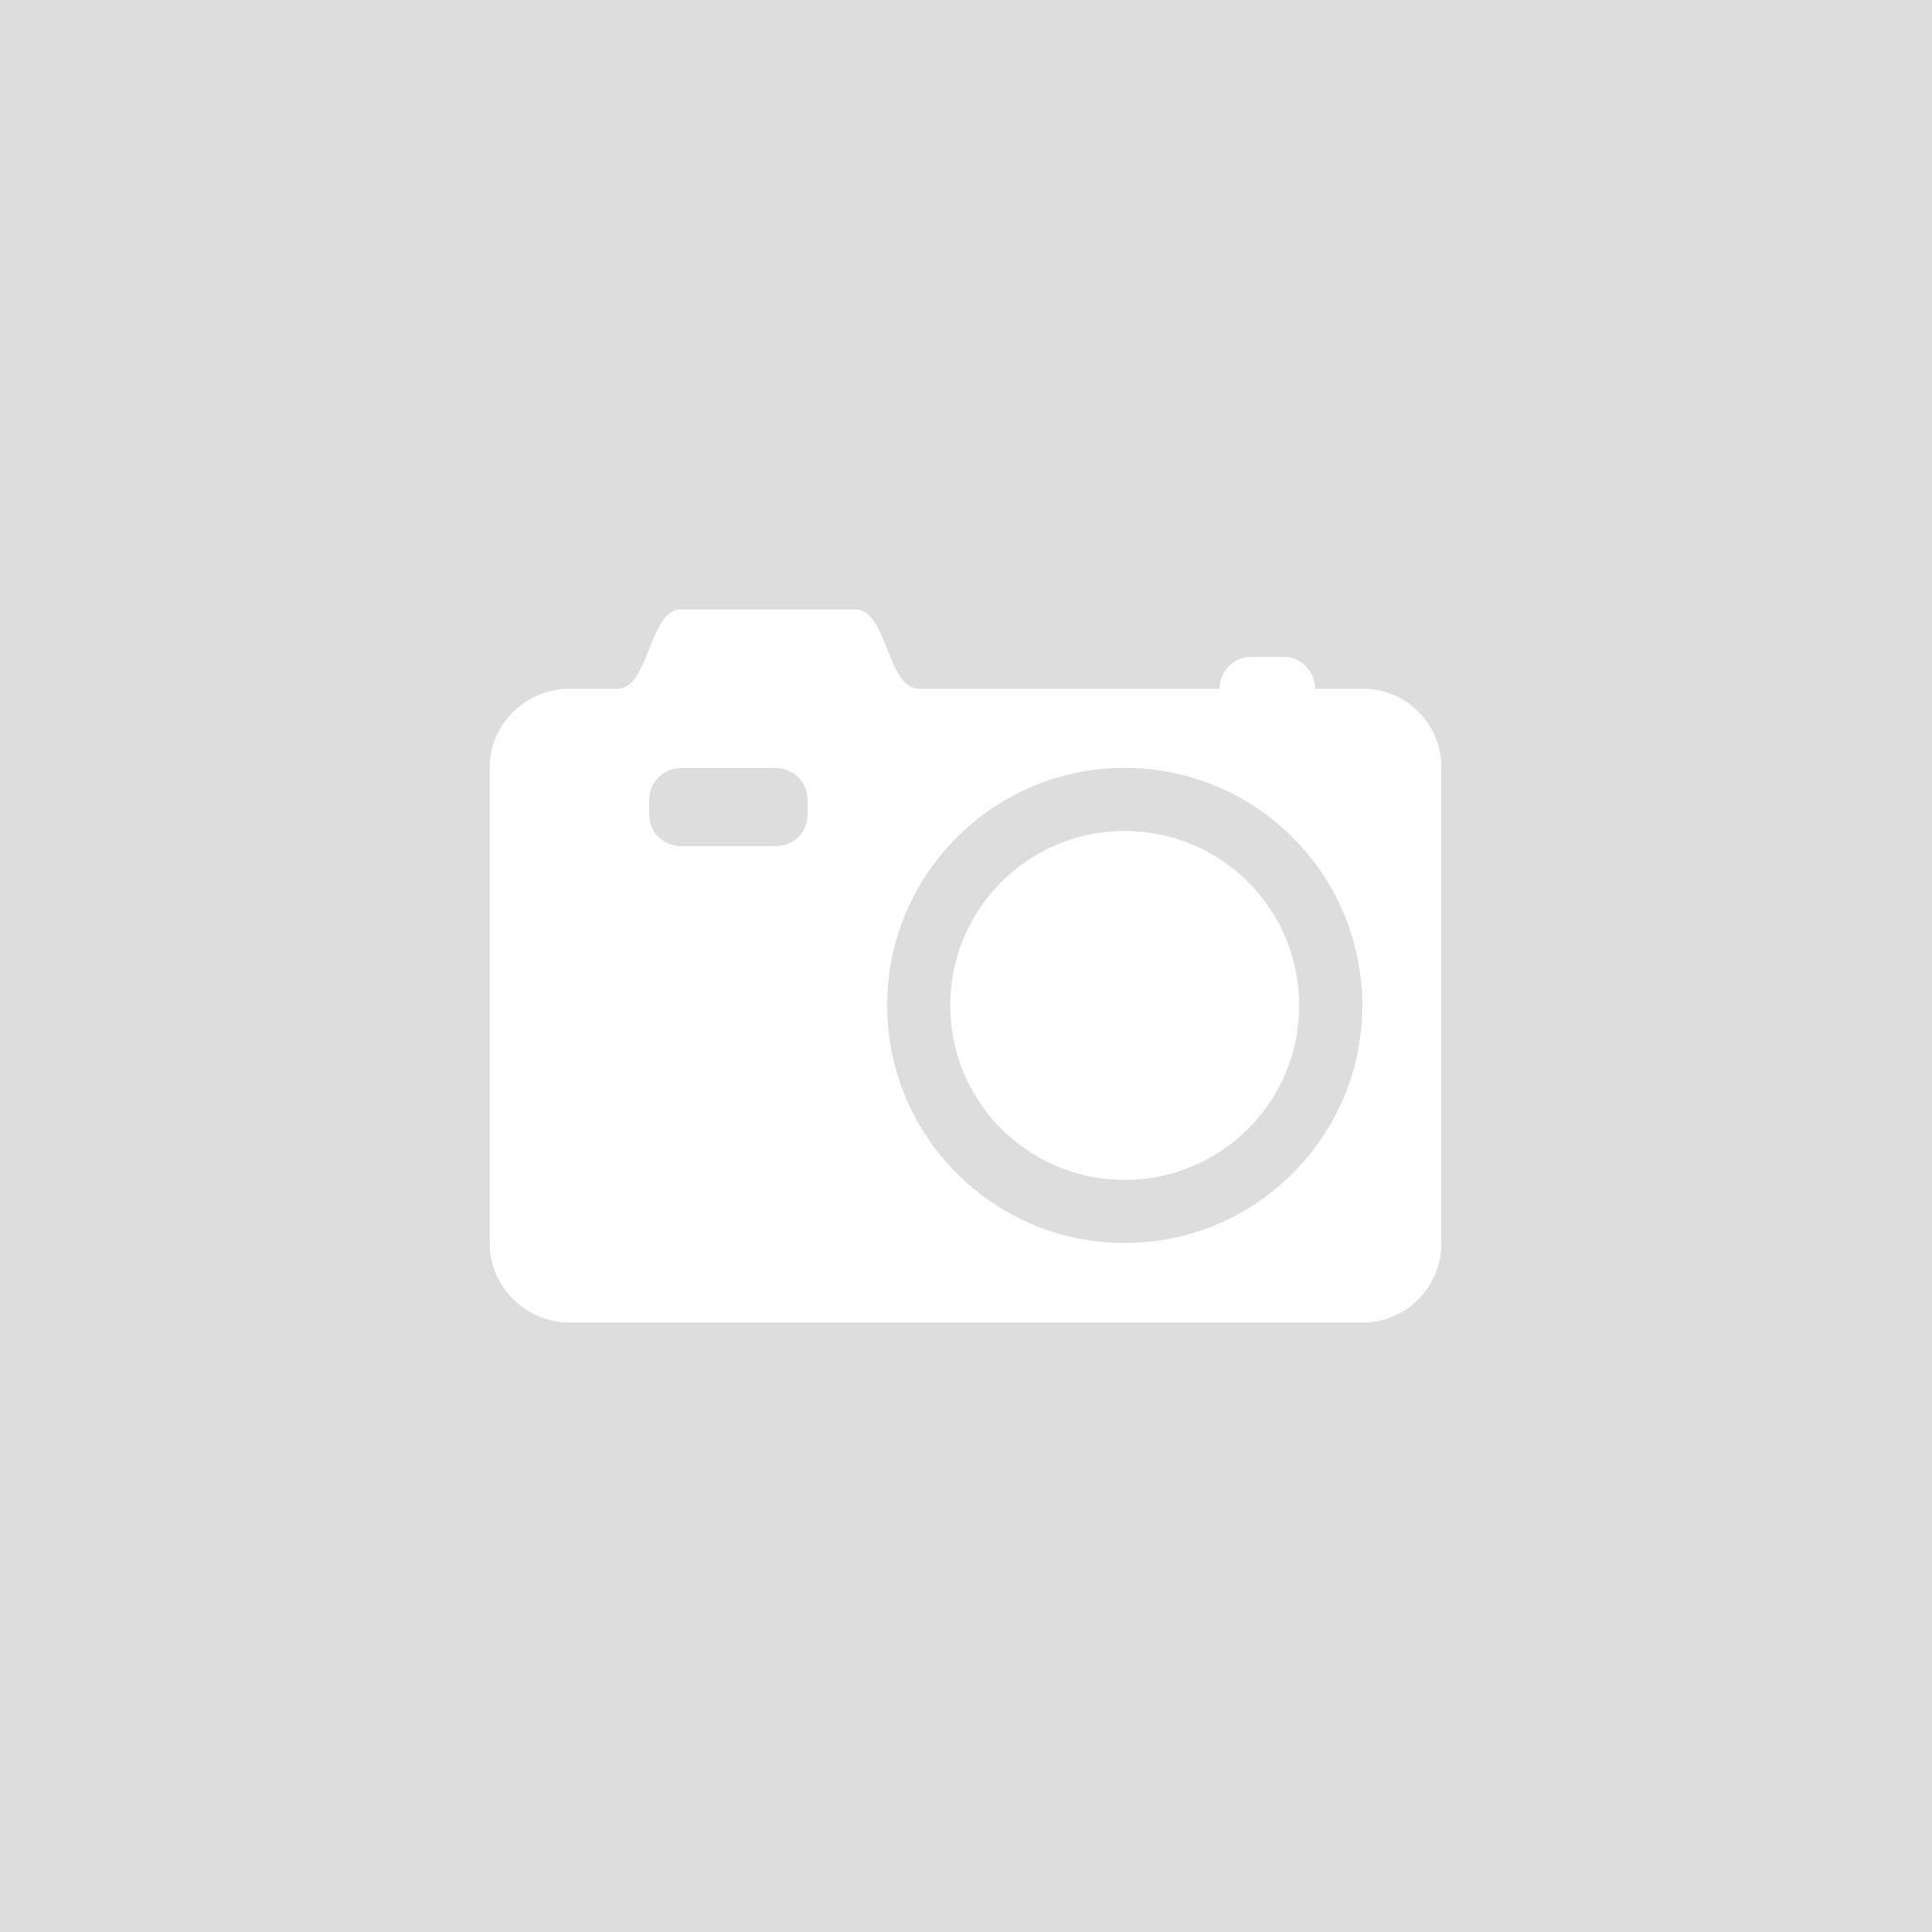 Tiles & More Gingham Grey / Cream Check Contour Wallpaper by Rasch 819540